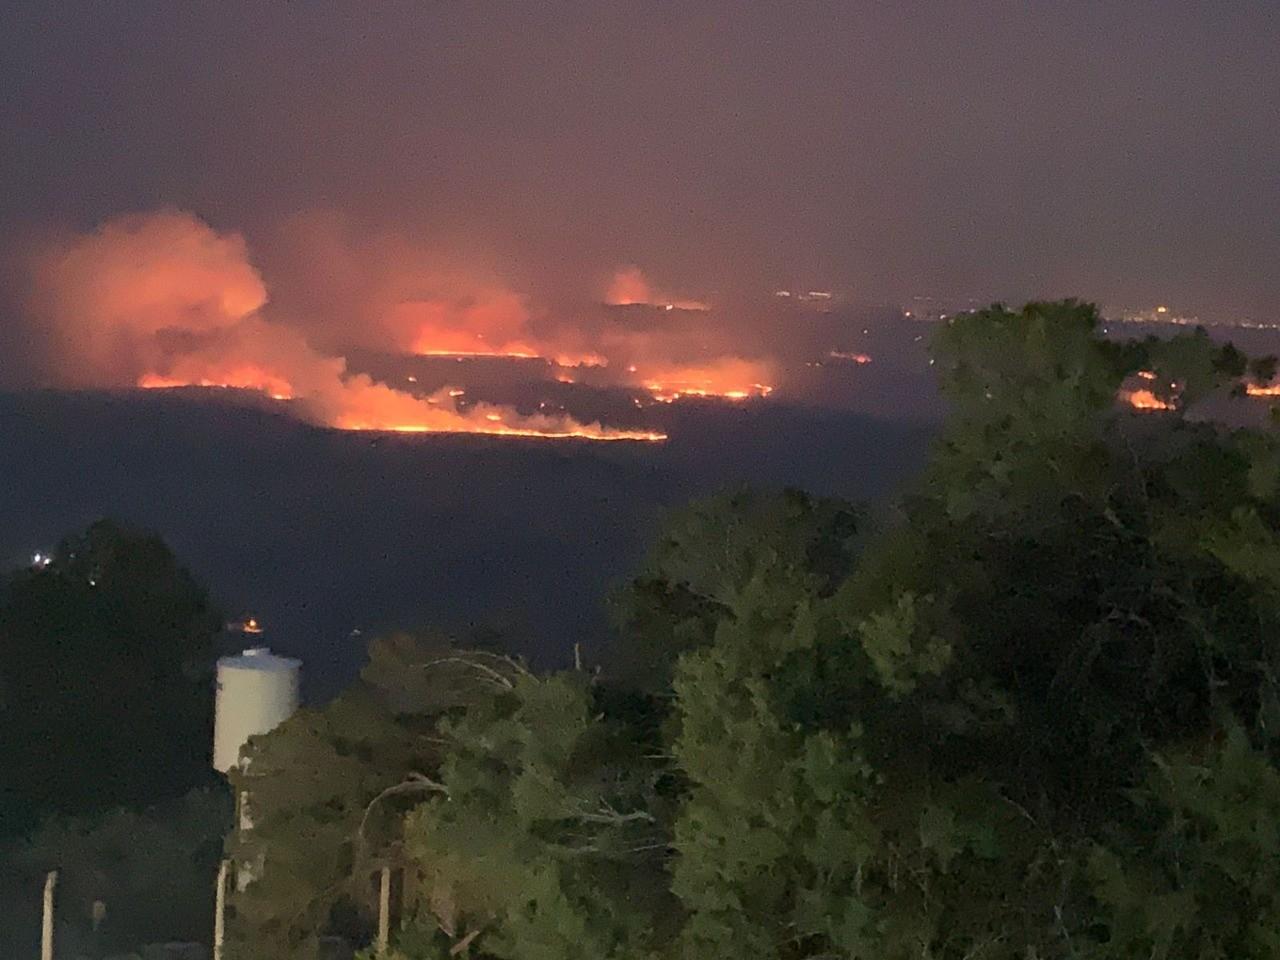 Em emergência devido a incêndios e estiagem, São Pedro tem uma queimada em mata combatida por bombeiros a cada 27 horas